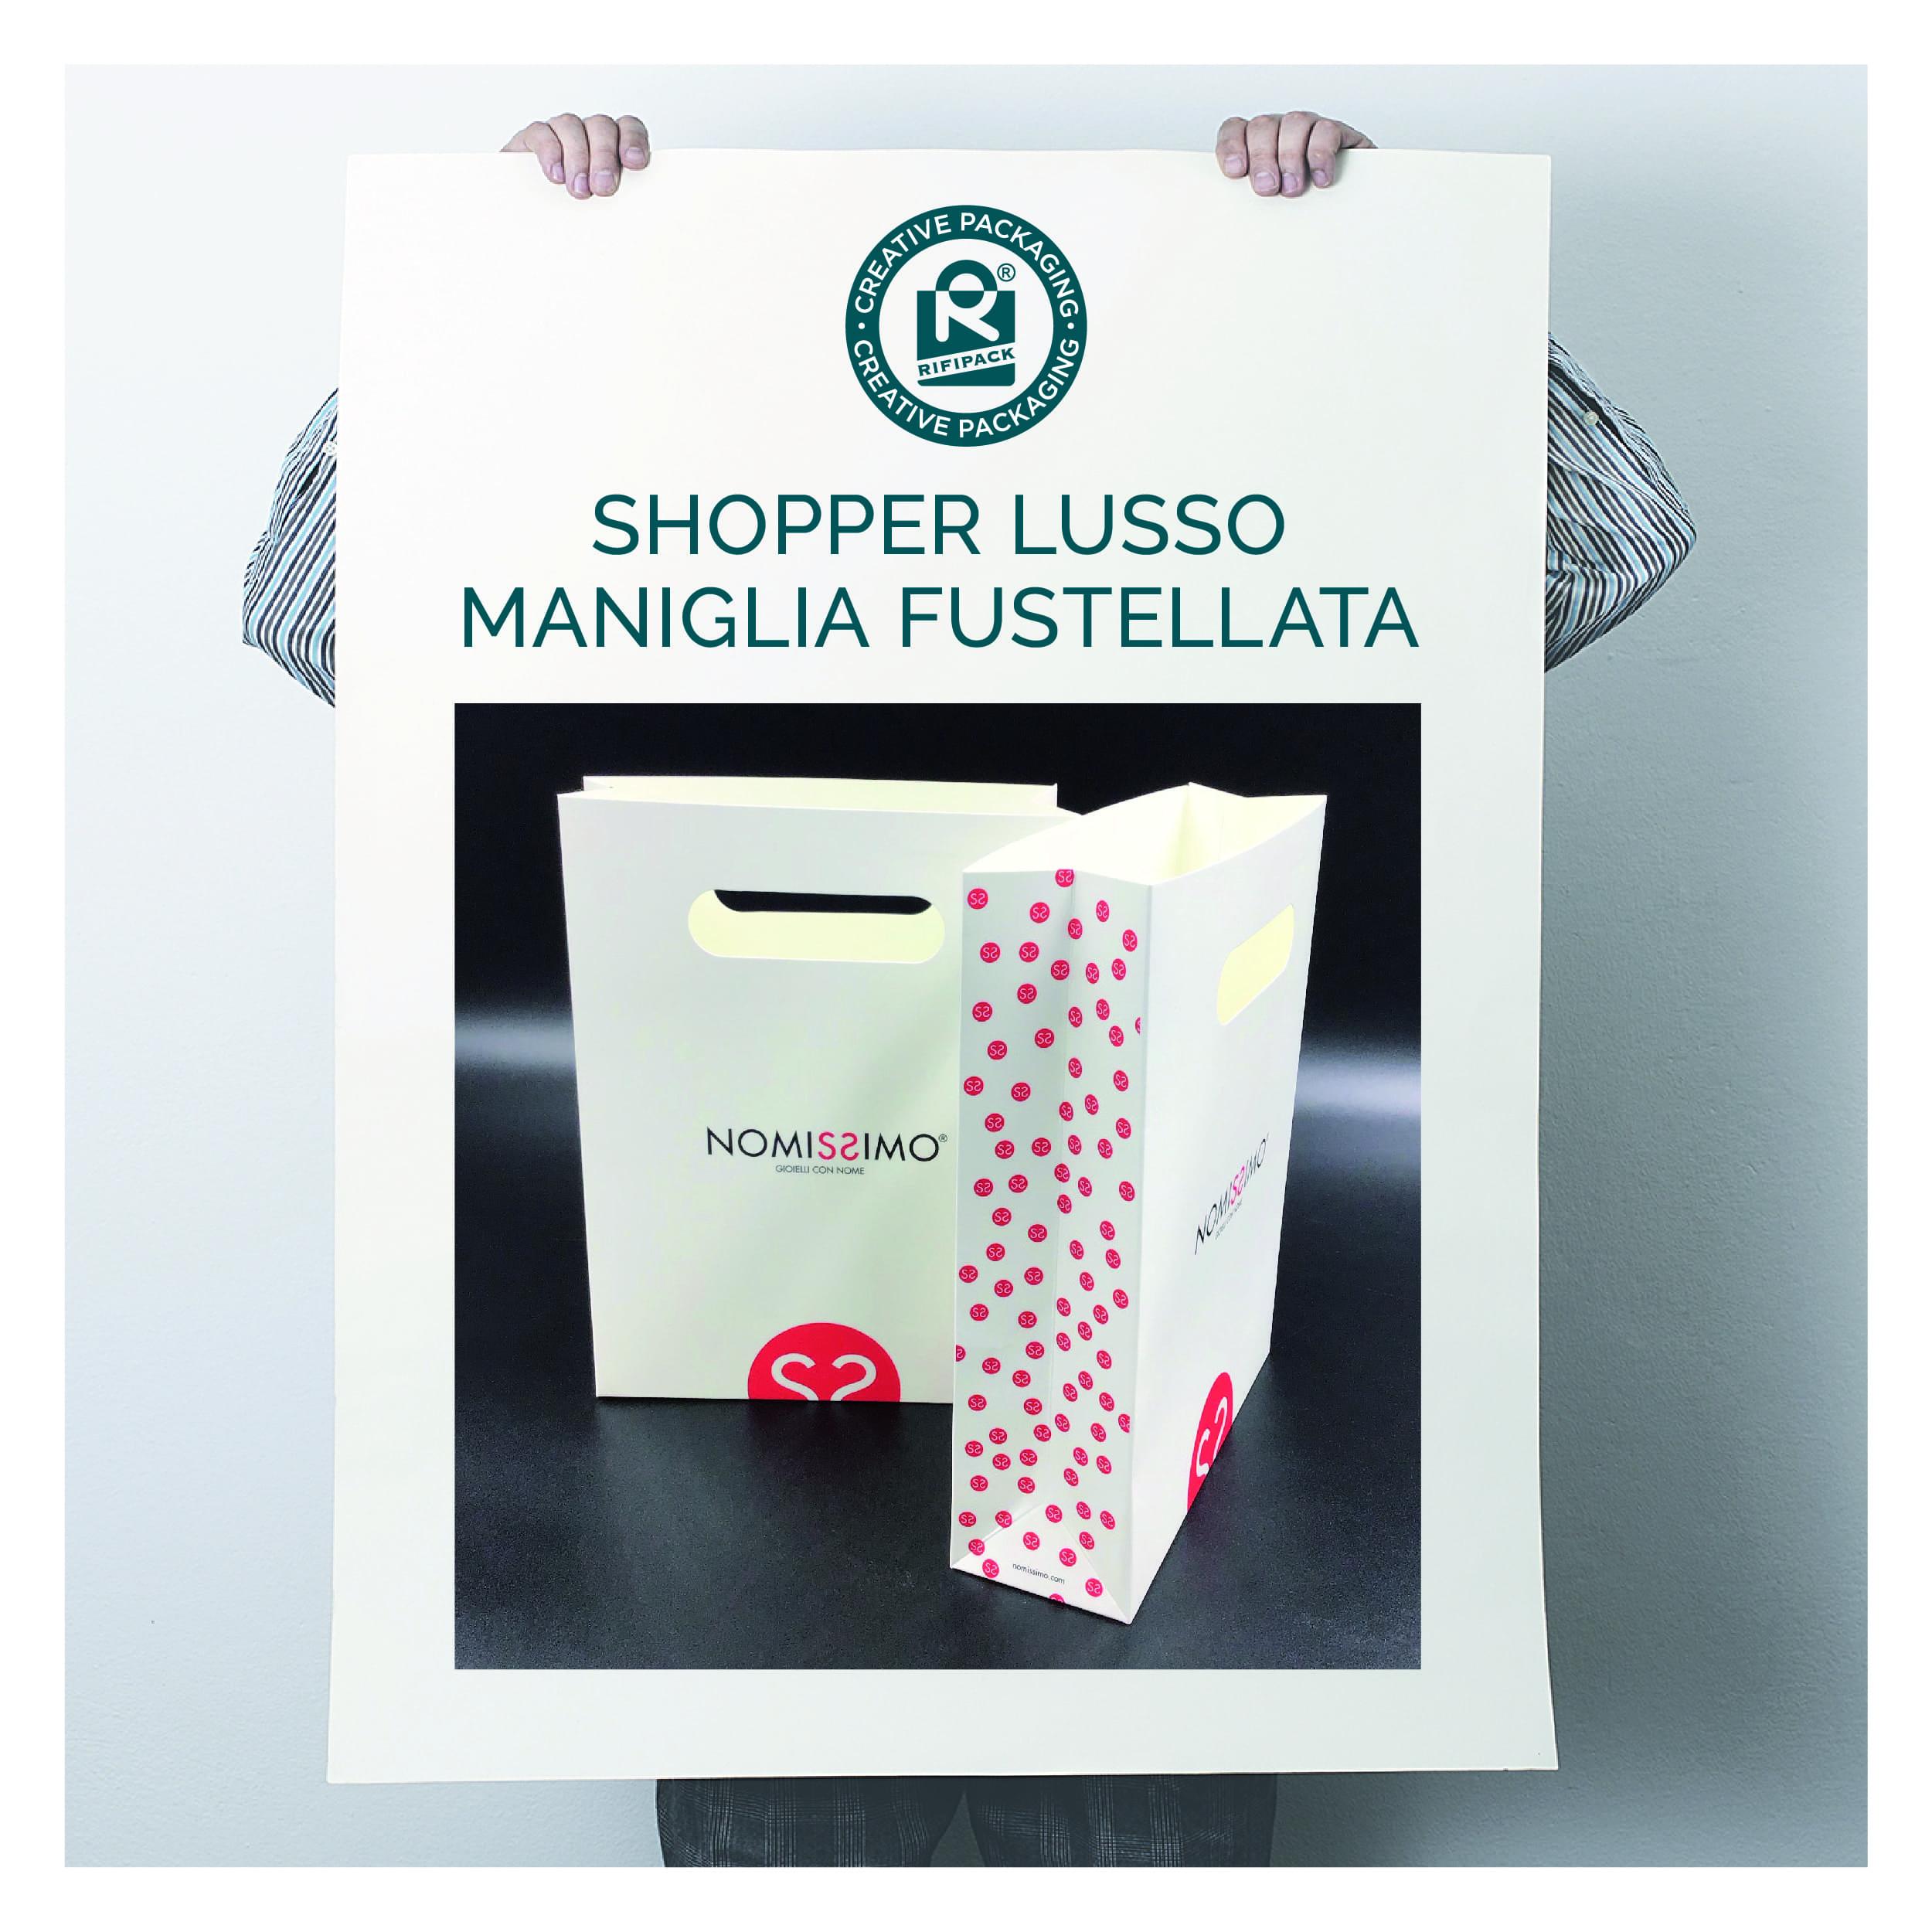 rifipack shopper modello lusso maniglia fustellata personalizzata